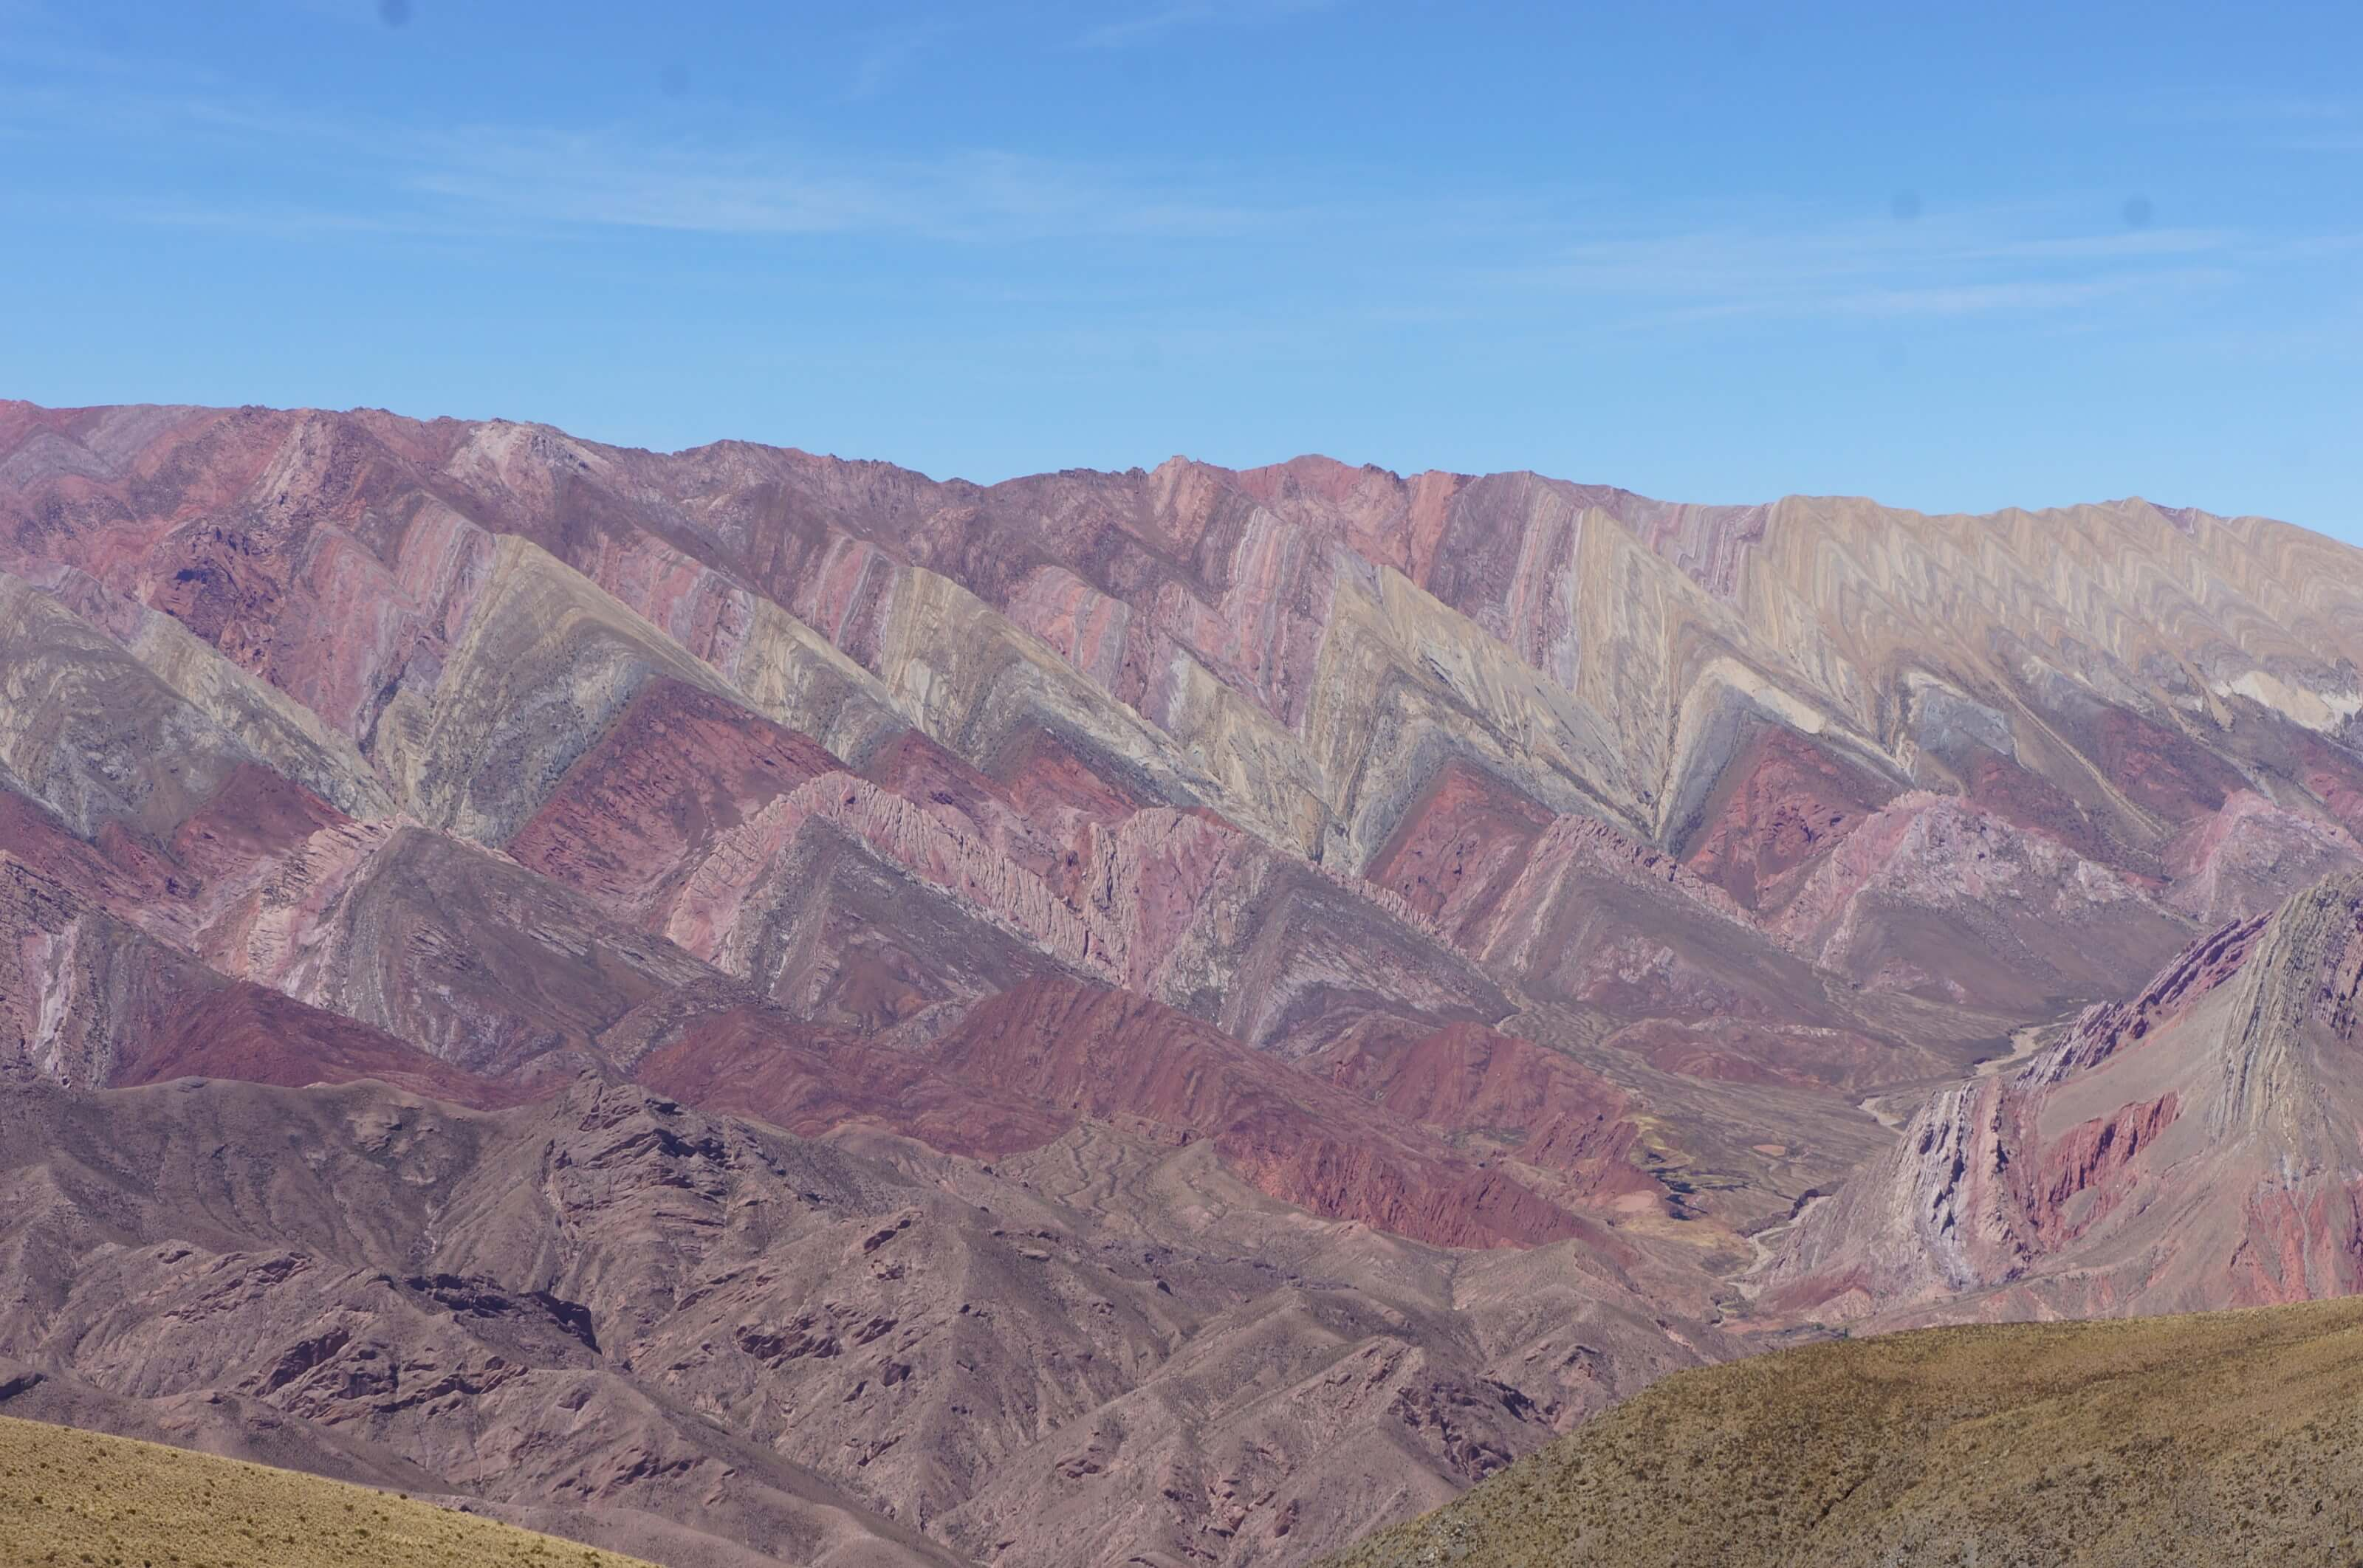 montagne colorée argentine